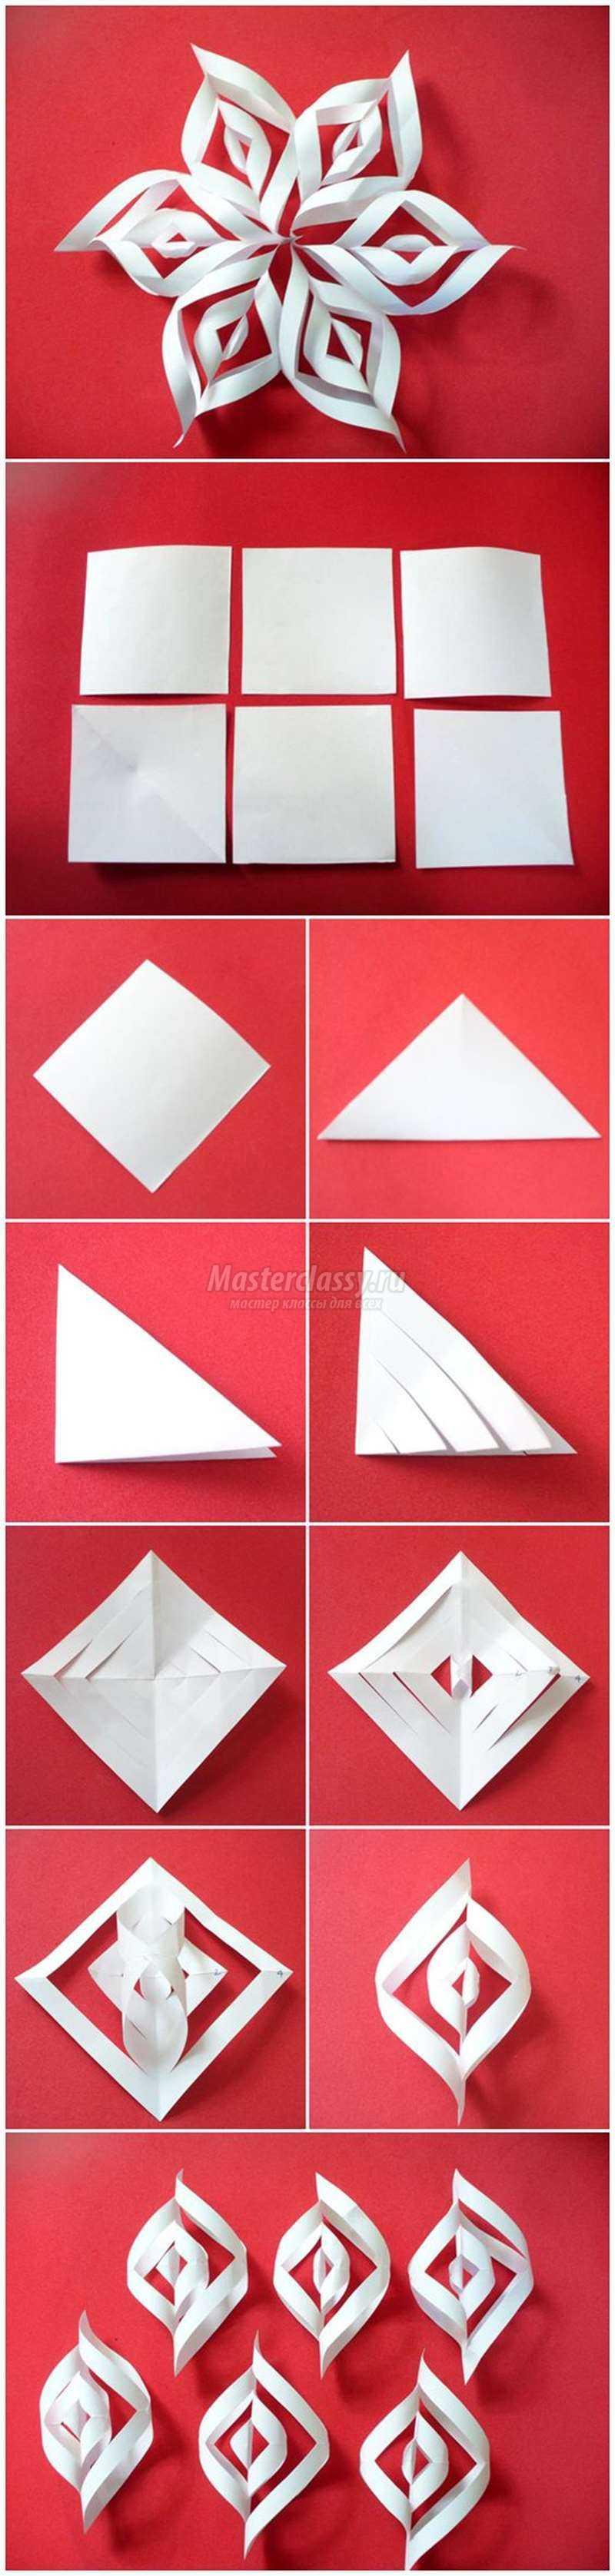 Как сделать снежинки из бумаги поэтапно